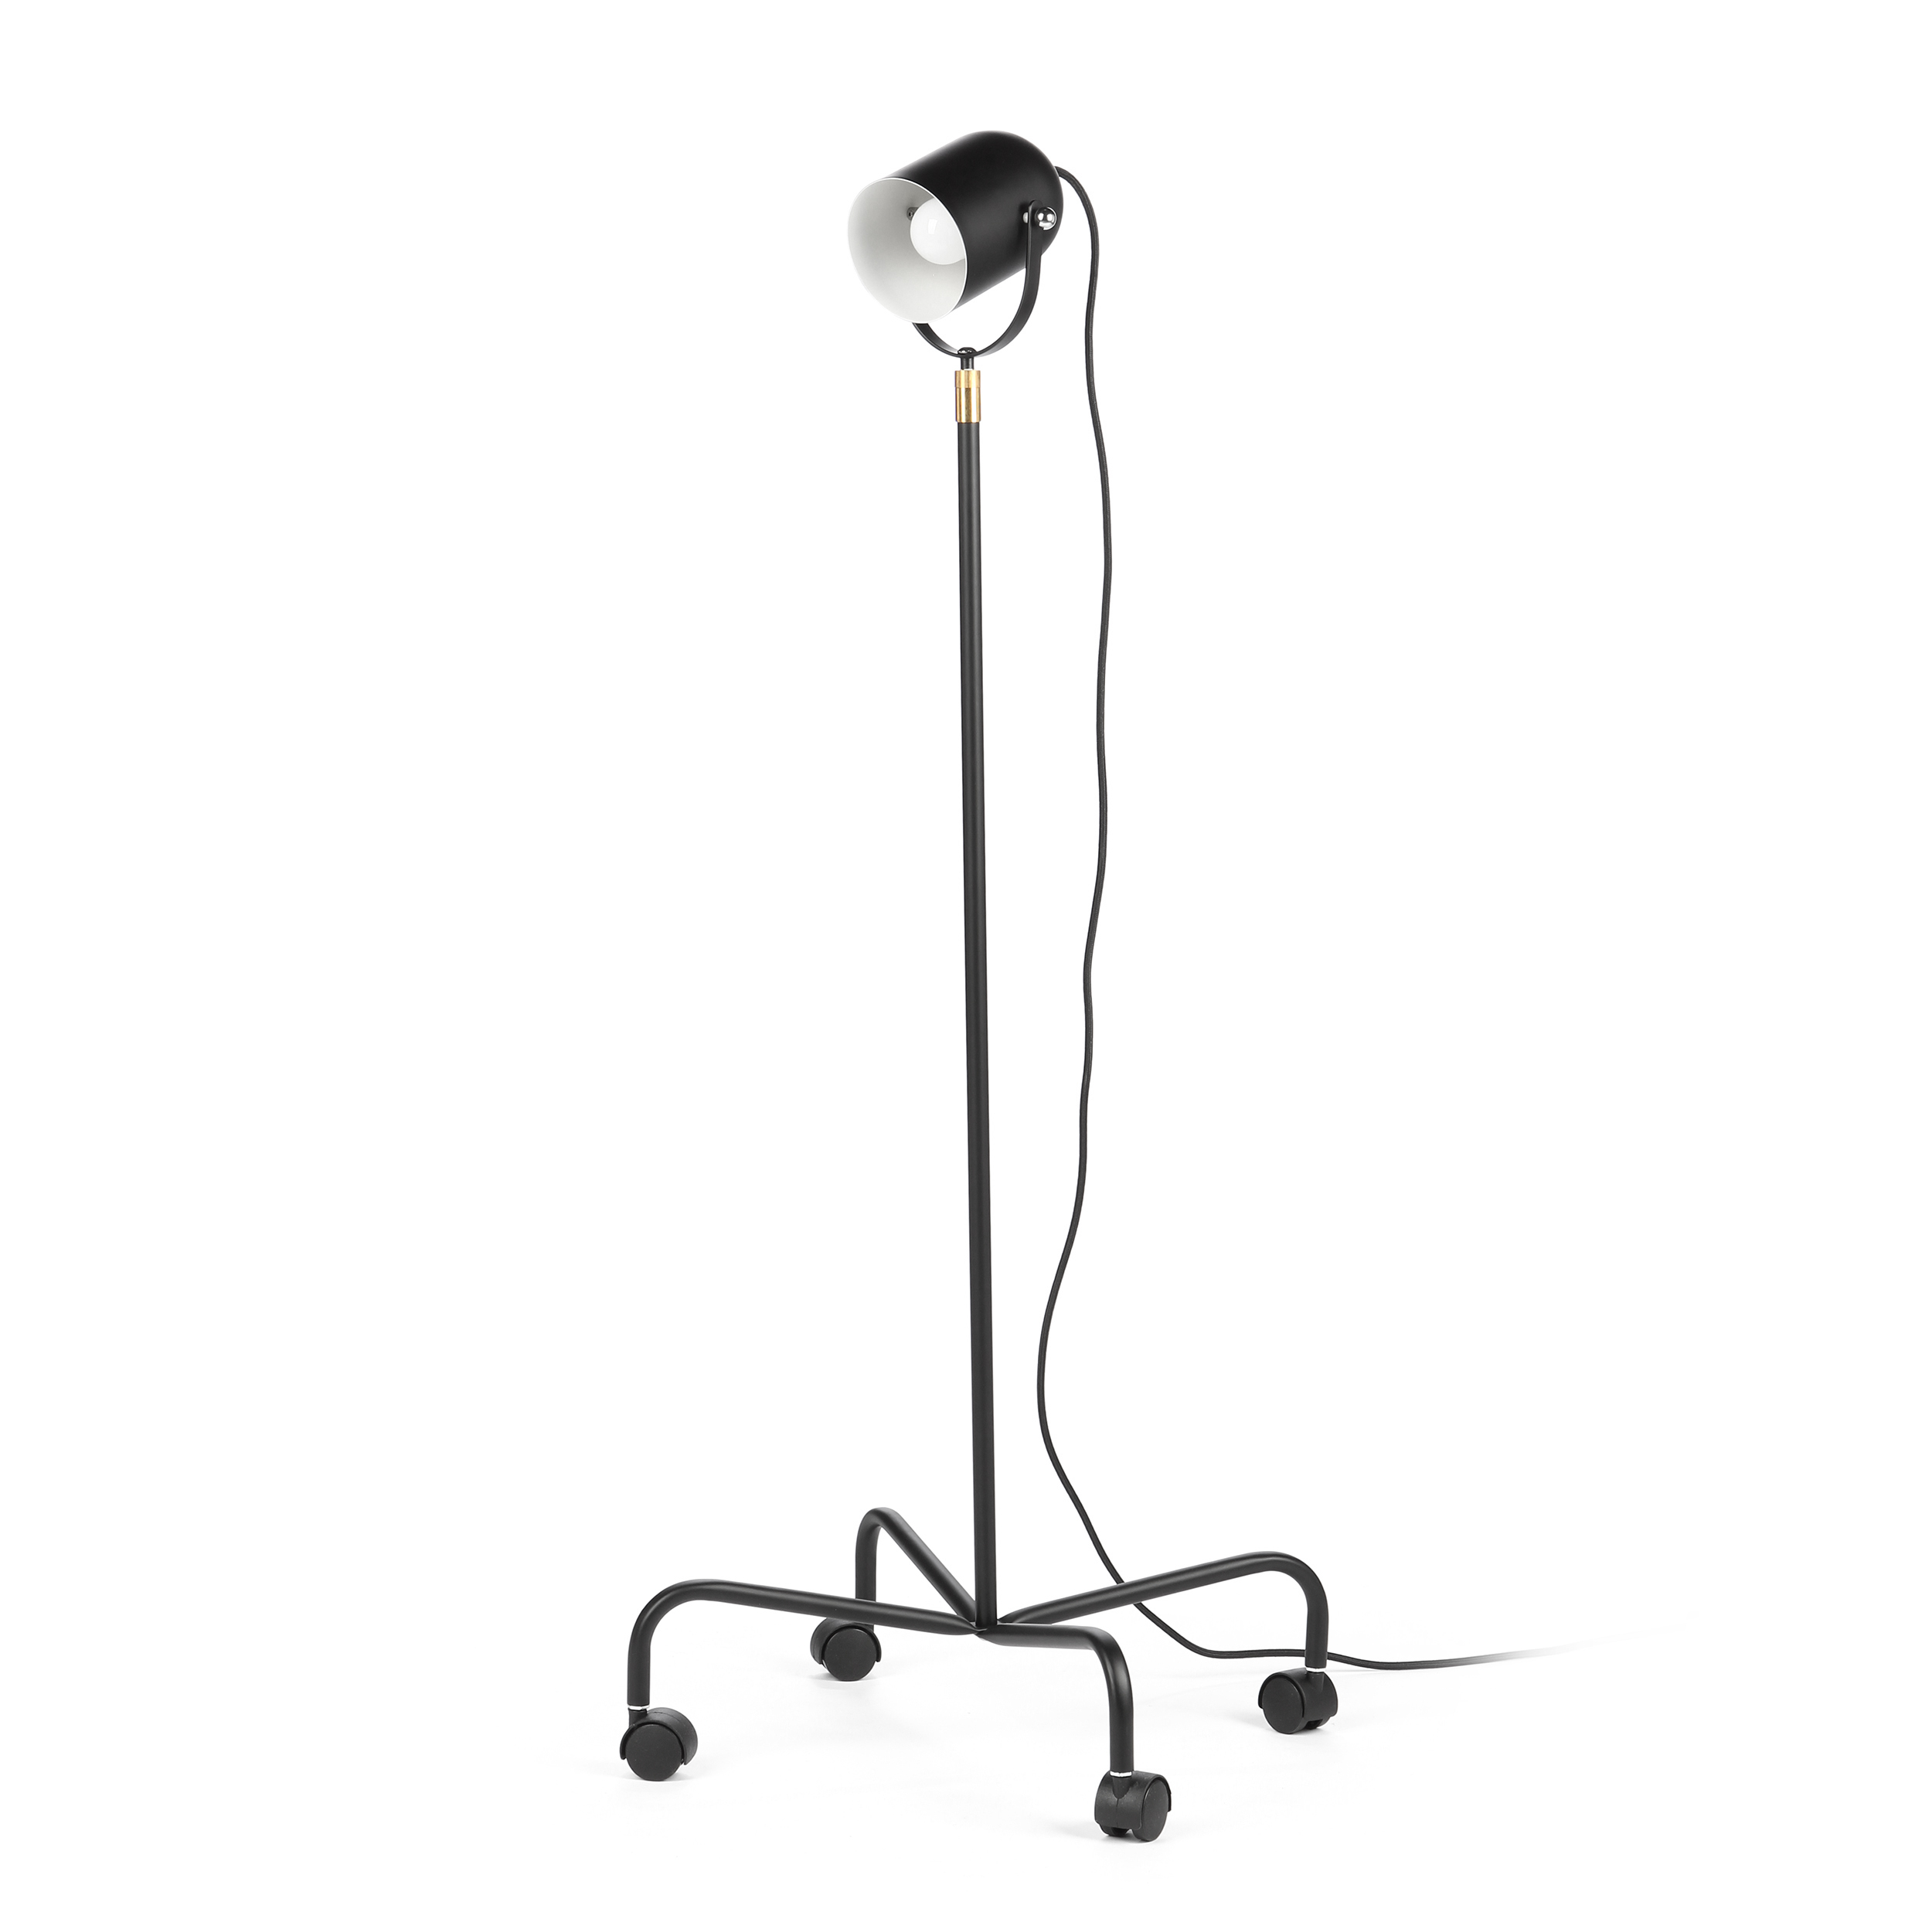 Напольный светильник TrundleНапольные<br>Напольный светильник Trundle — это универсальный светильник, который не только впишется в любой интерьер, но может еще и свободно по нему перемещаться. Его можно отнести сразу к нескольким стилям из-за его формы.<br><br><br> Светильник выполнен в форме маленького прожектора, который может одинаково стильно смотреться как на фабрике, в клубе, в ресторане, на сцене, так и в современной квартире-студии.<br><br><br> Низ светильника представляет собой четыре ножки на колесиках, это позволит вам передвига...<br><br>stock: 0<br>Высота: 120-160<br>Количество ламп: 1<br>Материал абажура: Сталь<br>Материал арматуры: Металл<br>Мощность лампы: 60<br>Ламп в комплекте: Нет<br>Напряжение: 220-240<br>Тип лампы/цоколь: E27<br>Цвет абажура: Черный<br>Цвет арматуры: Черный<br>Цвет провода: Черный